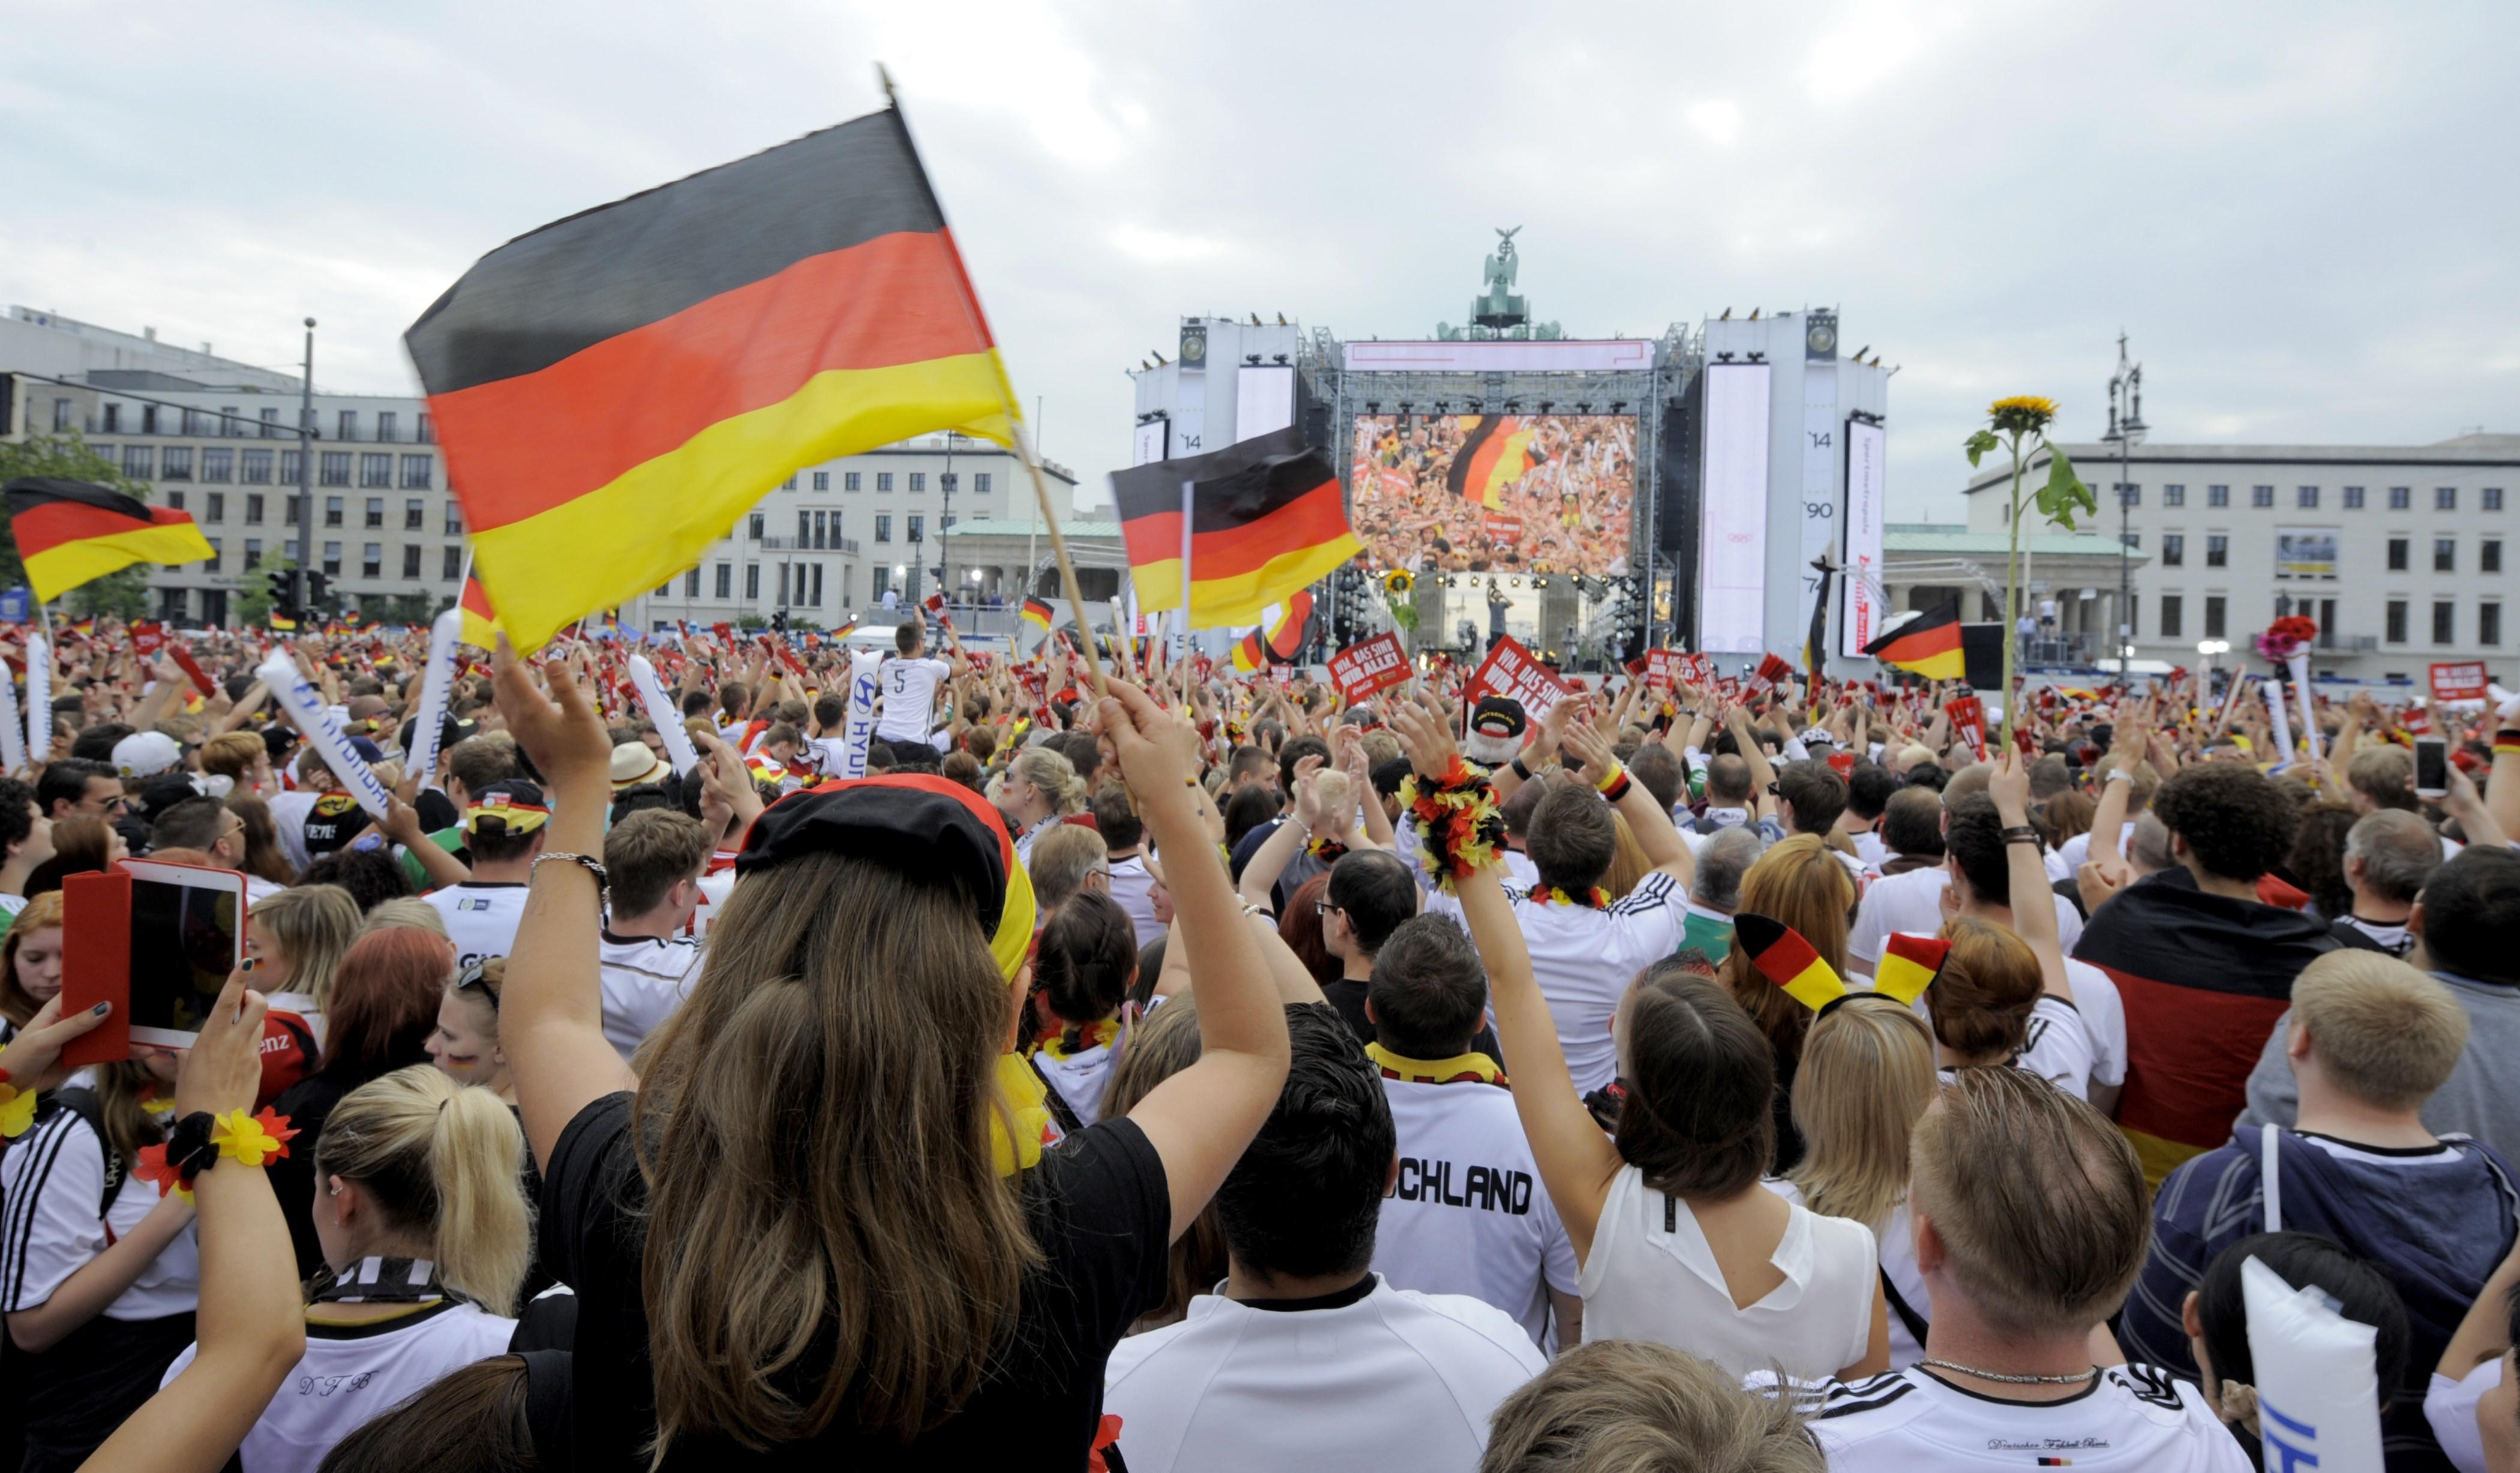 Costurile de finanţare din zona euro ar putea creşte din cauza ascensiunii unui partid antieuro din Germania